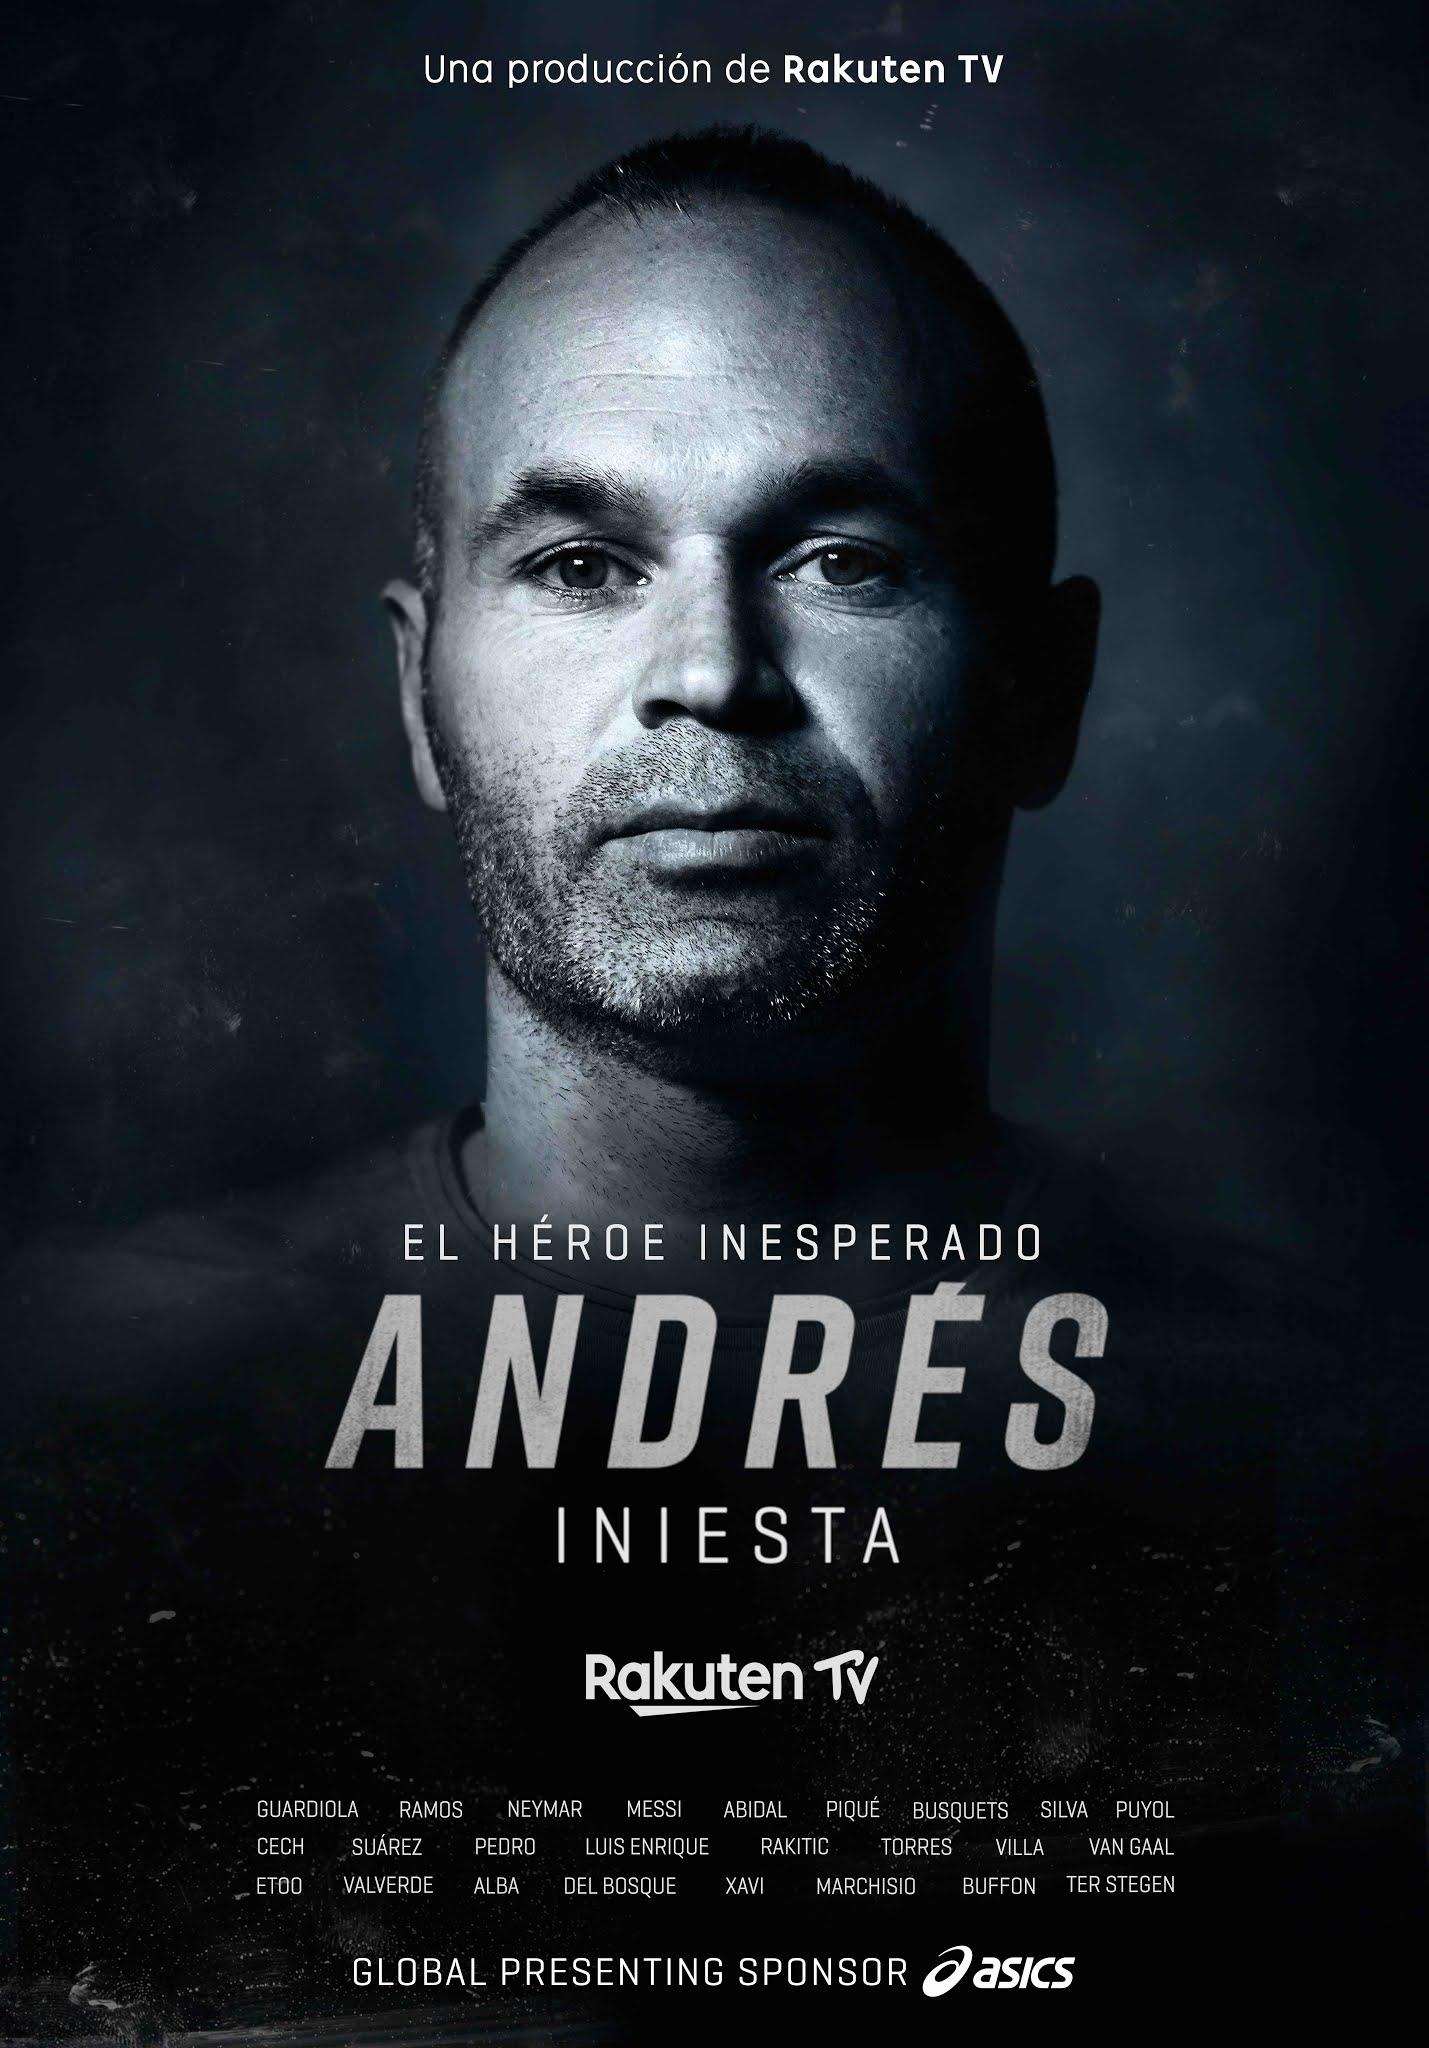 """DIRECTV nos trae la vida y obra de Don Andrés Iniesta, """"El Héroe Inesperado"""""""